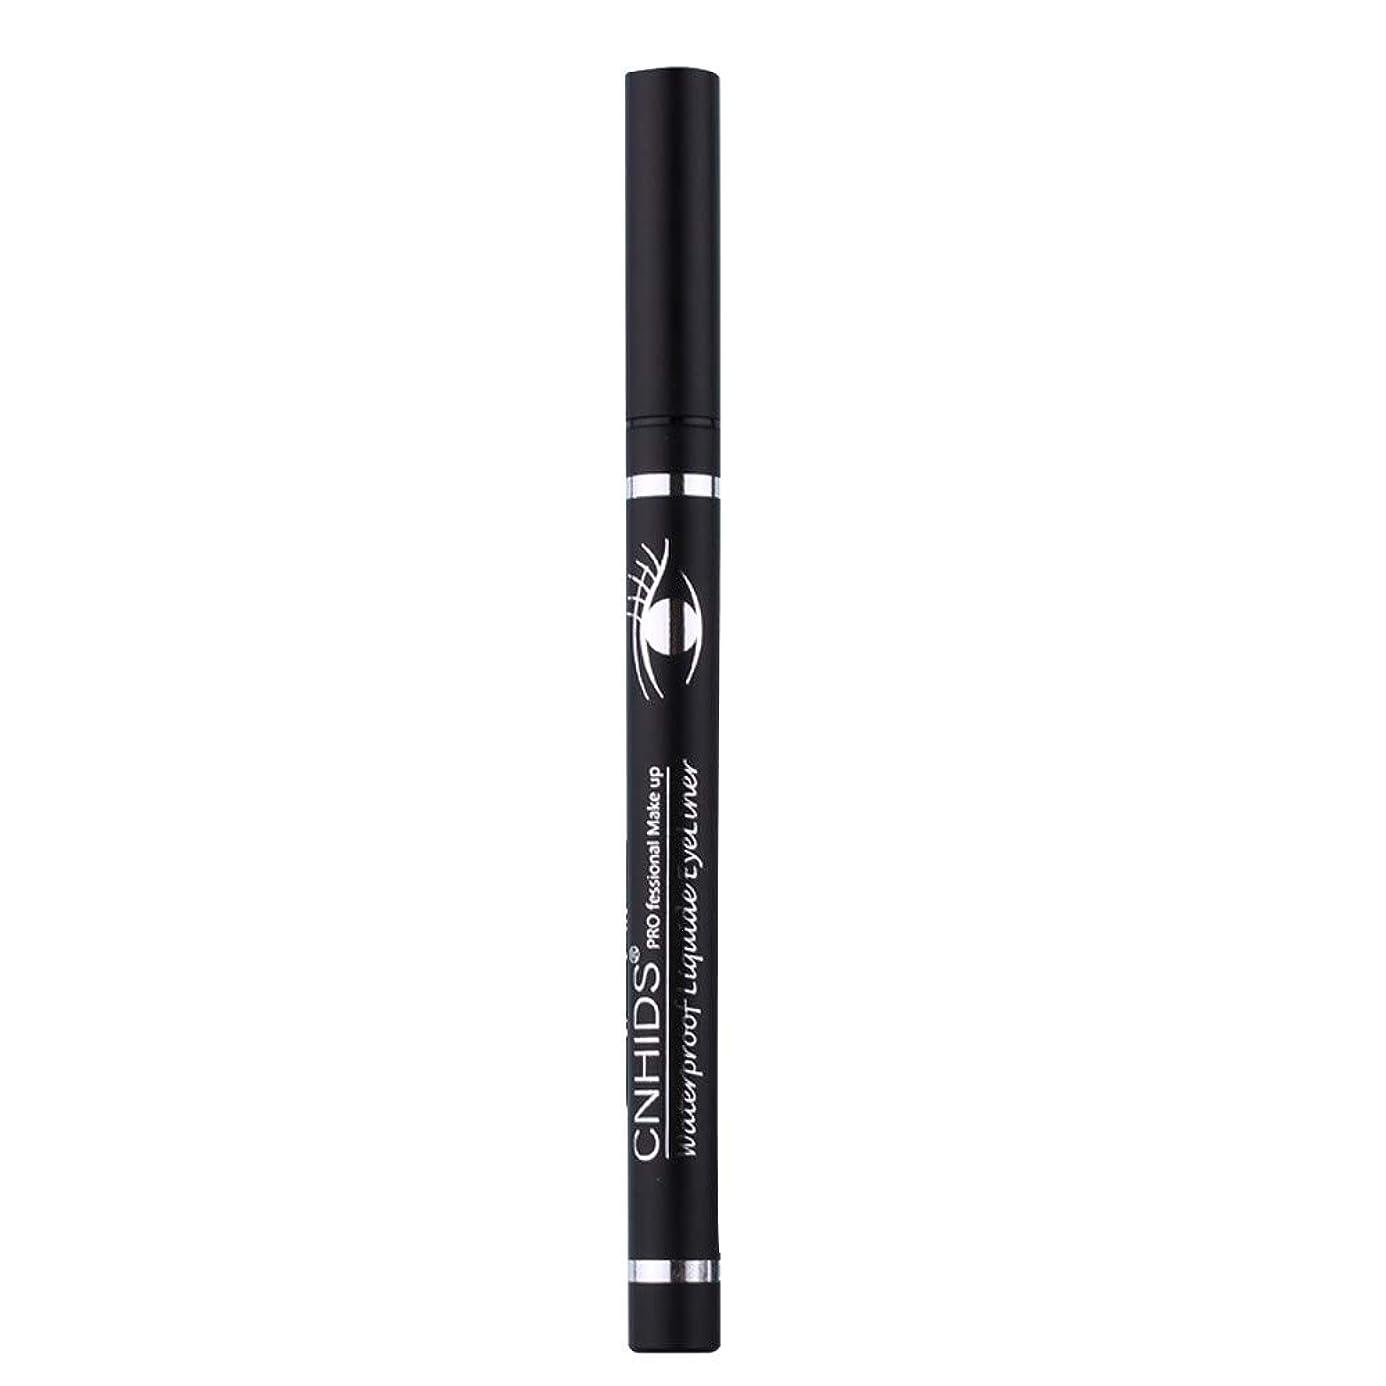 問い合わせ値するスマッシュ新しい防水美容メイク化粧品アイライナーペンシルブラックリキッドアイライナーペン